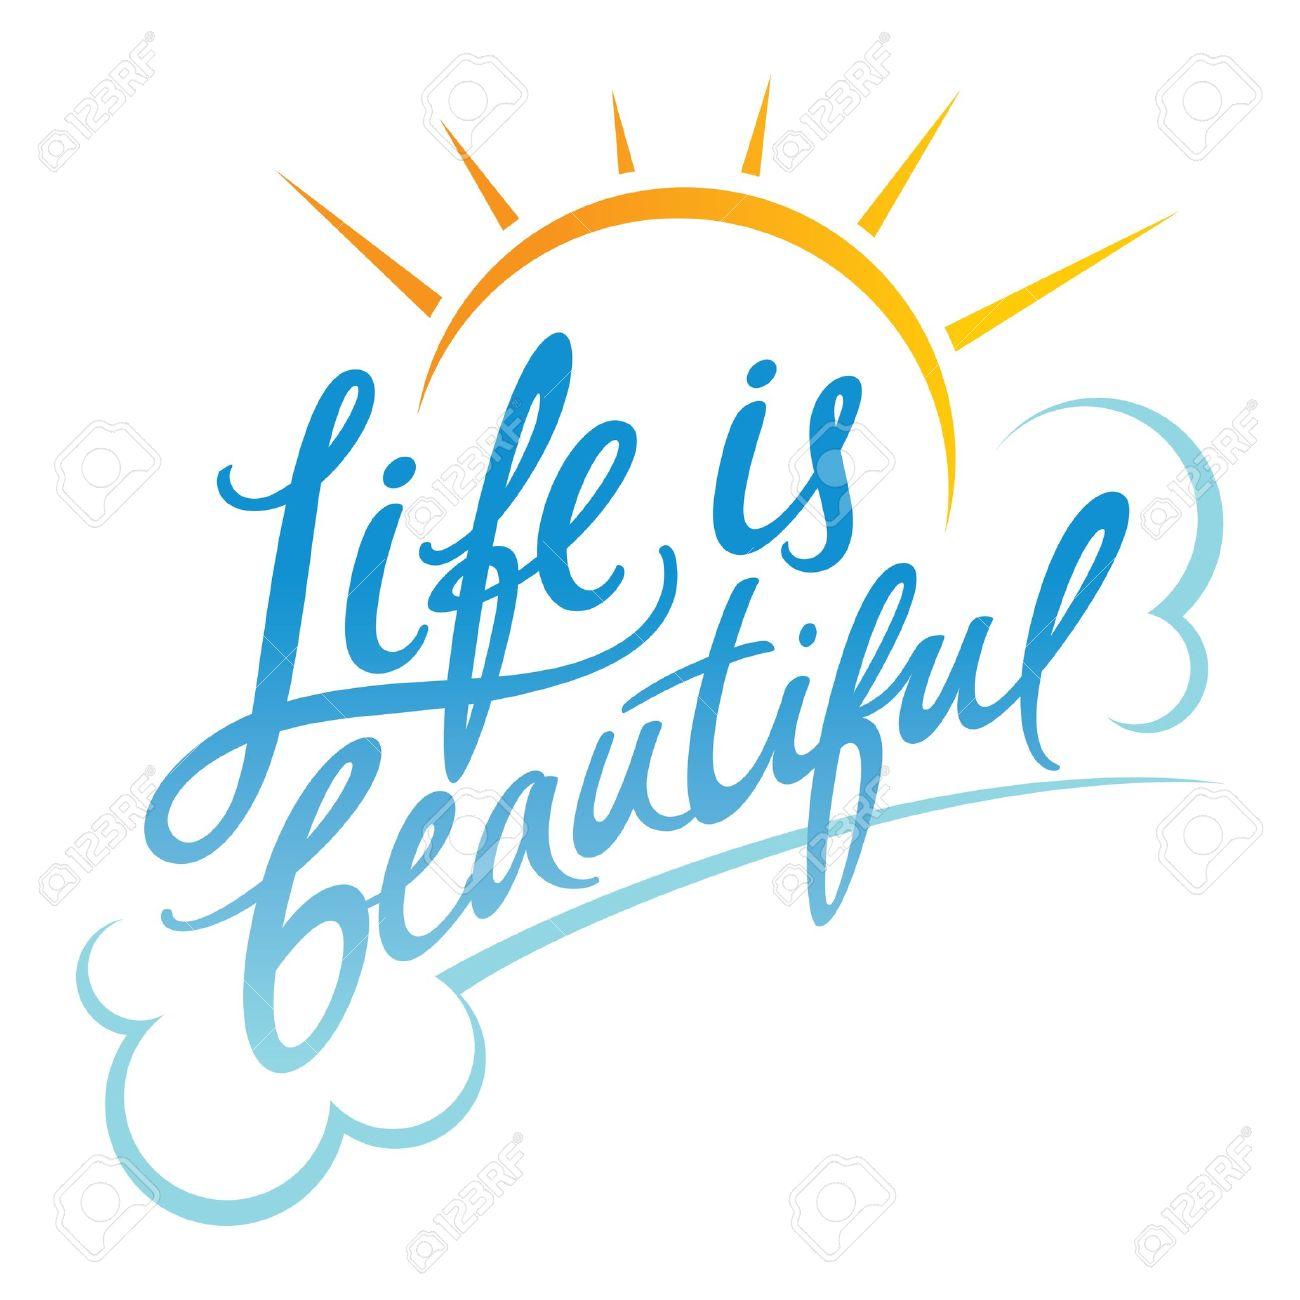 La vie est belle clipart.